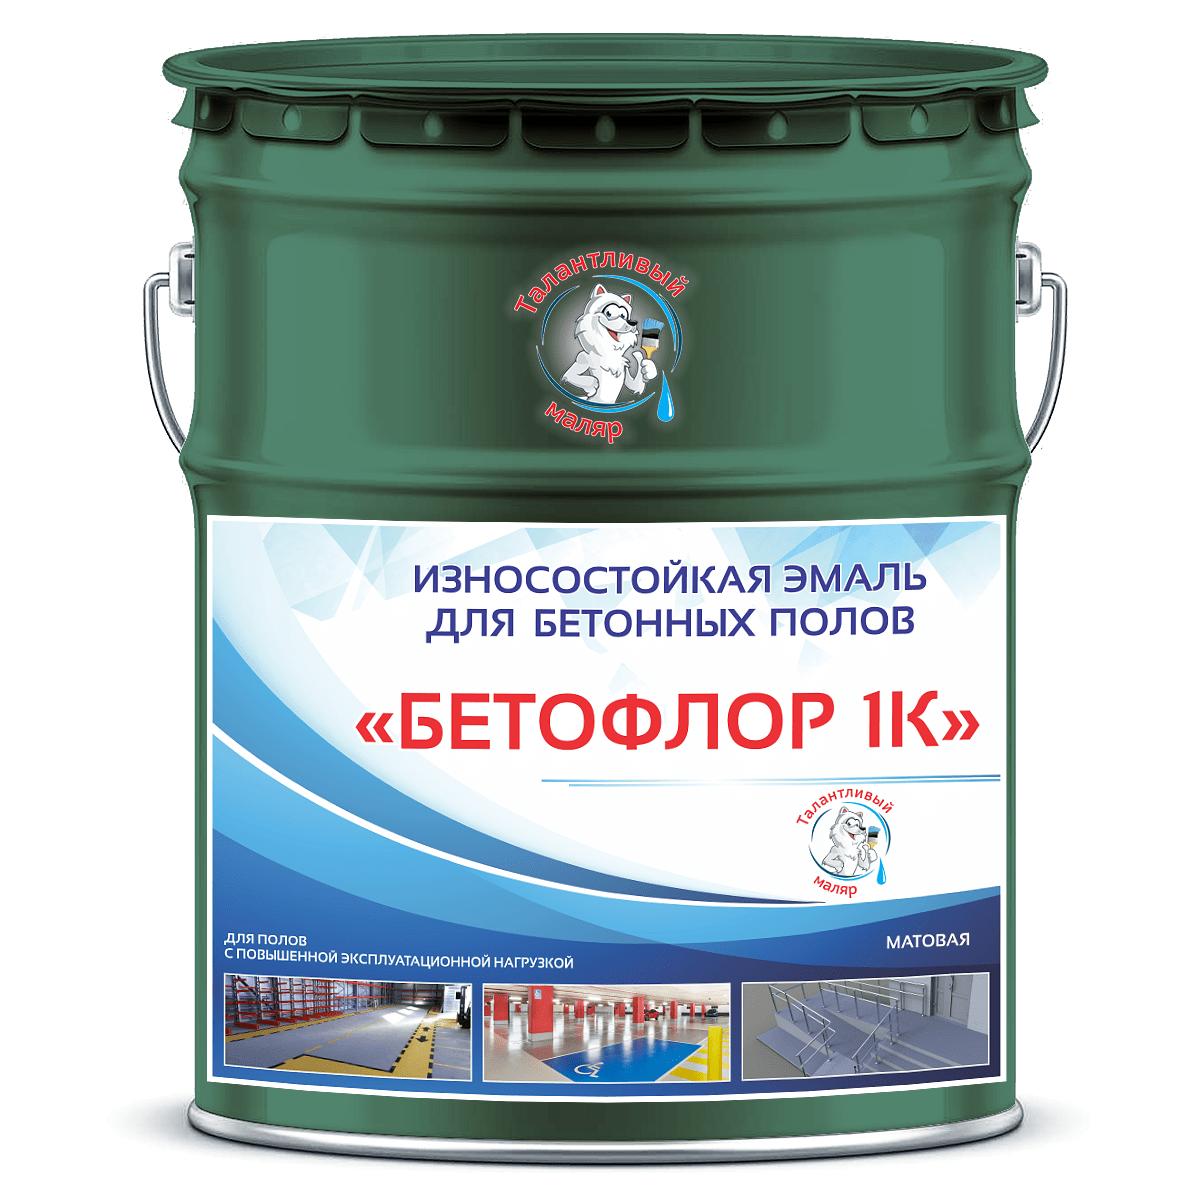 """Фото 17 - BF6016 Эмаль для бетонных полов """"Бетофлор"""" 1К цвет RAL 6016 Бирюзово-зелёный, матовая износостойкая, 25 кг """"Талантливый Маляр""""."""